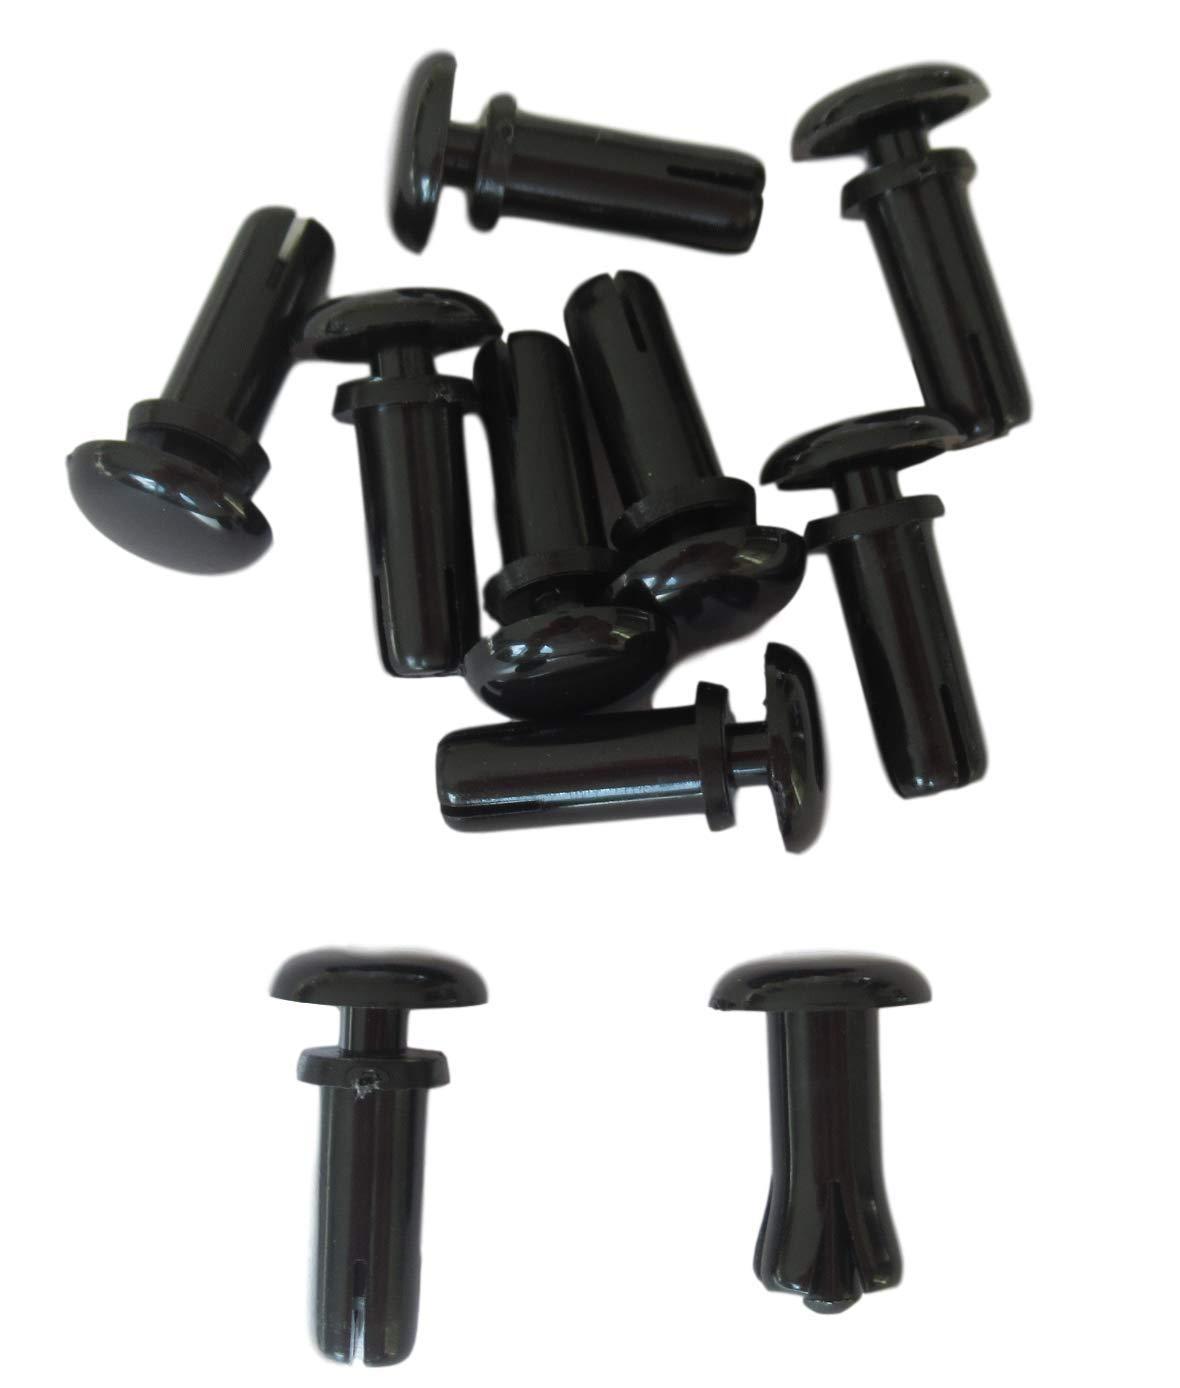 Spreizniete 1mm bis 10mm Material 50x Schwarze Kunststoff-Nieten//Blindnieten f/ür Hand Montage 8mm Nietkopf 1,5 bis 2,5mm Materialst/ärke ausw/ählen